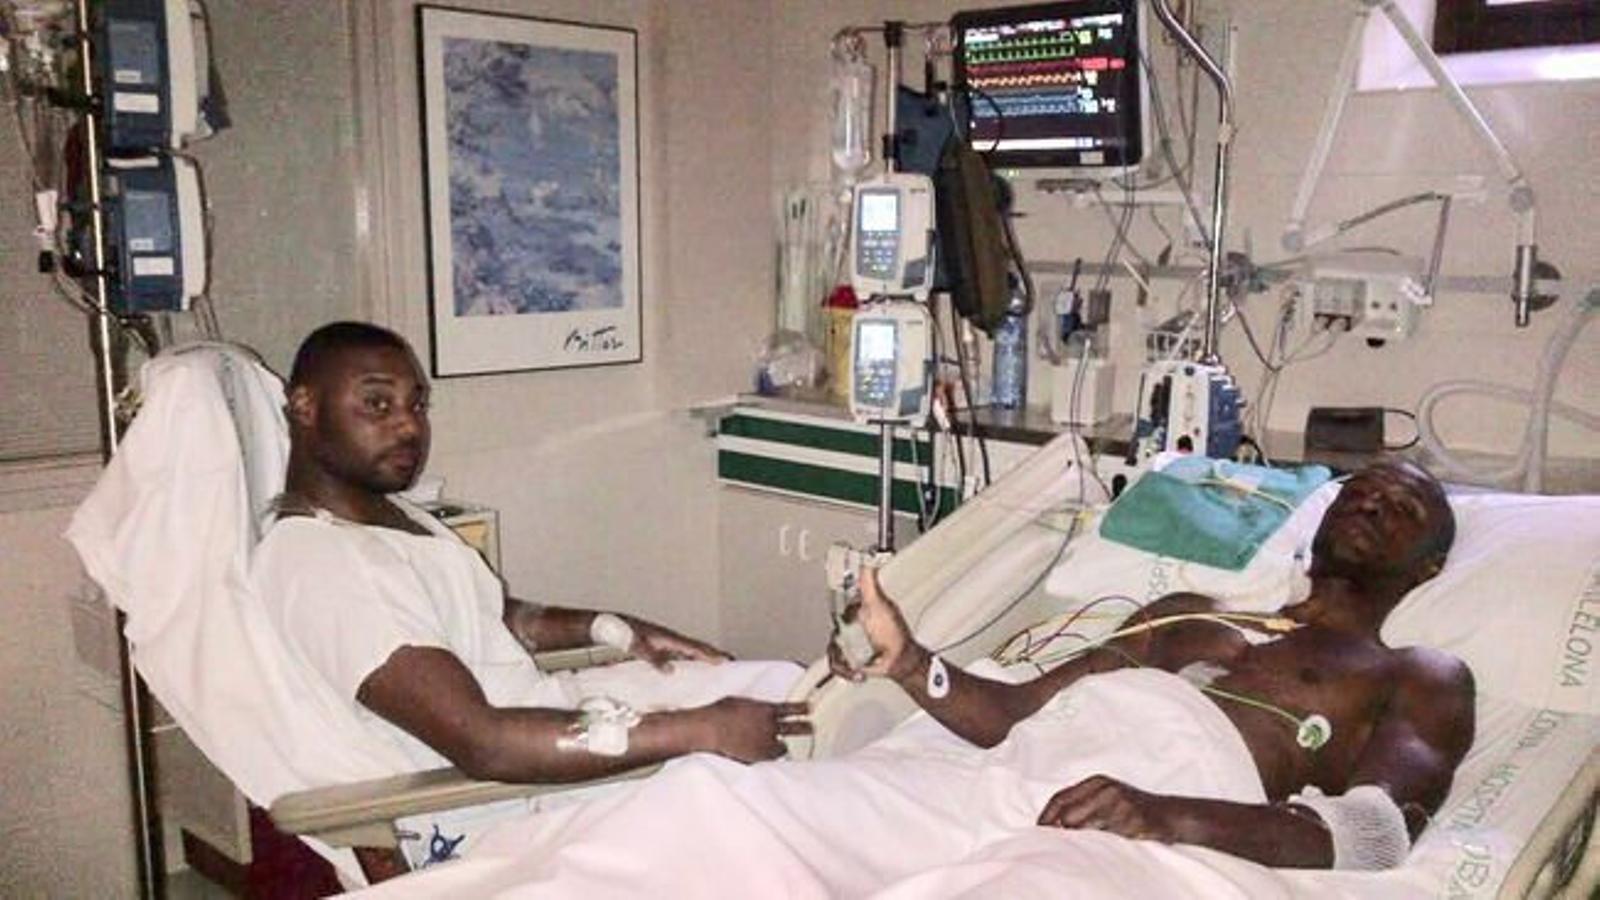 El secretari tècnic del Barça, Éric Abidal, amb el seu cosí Gerard, després del trasplantament al qual es va sotmetre.